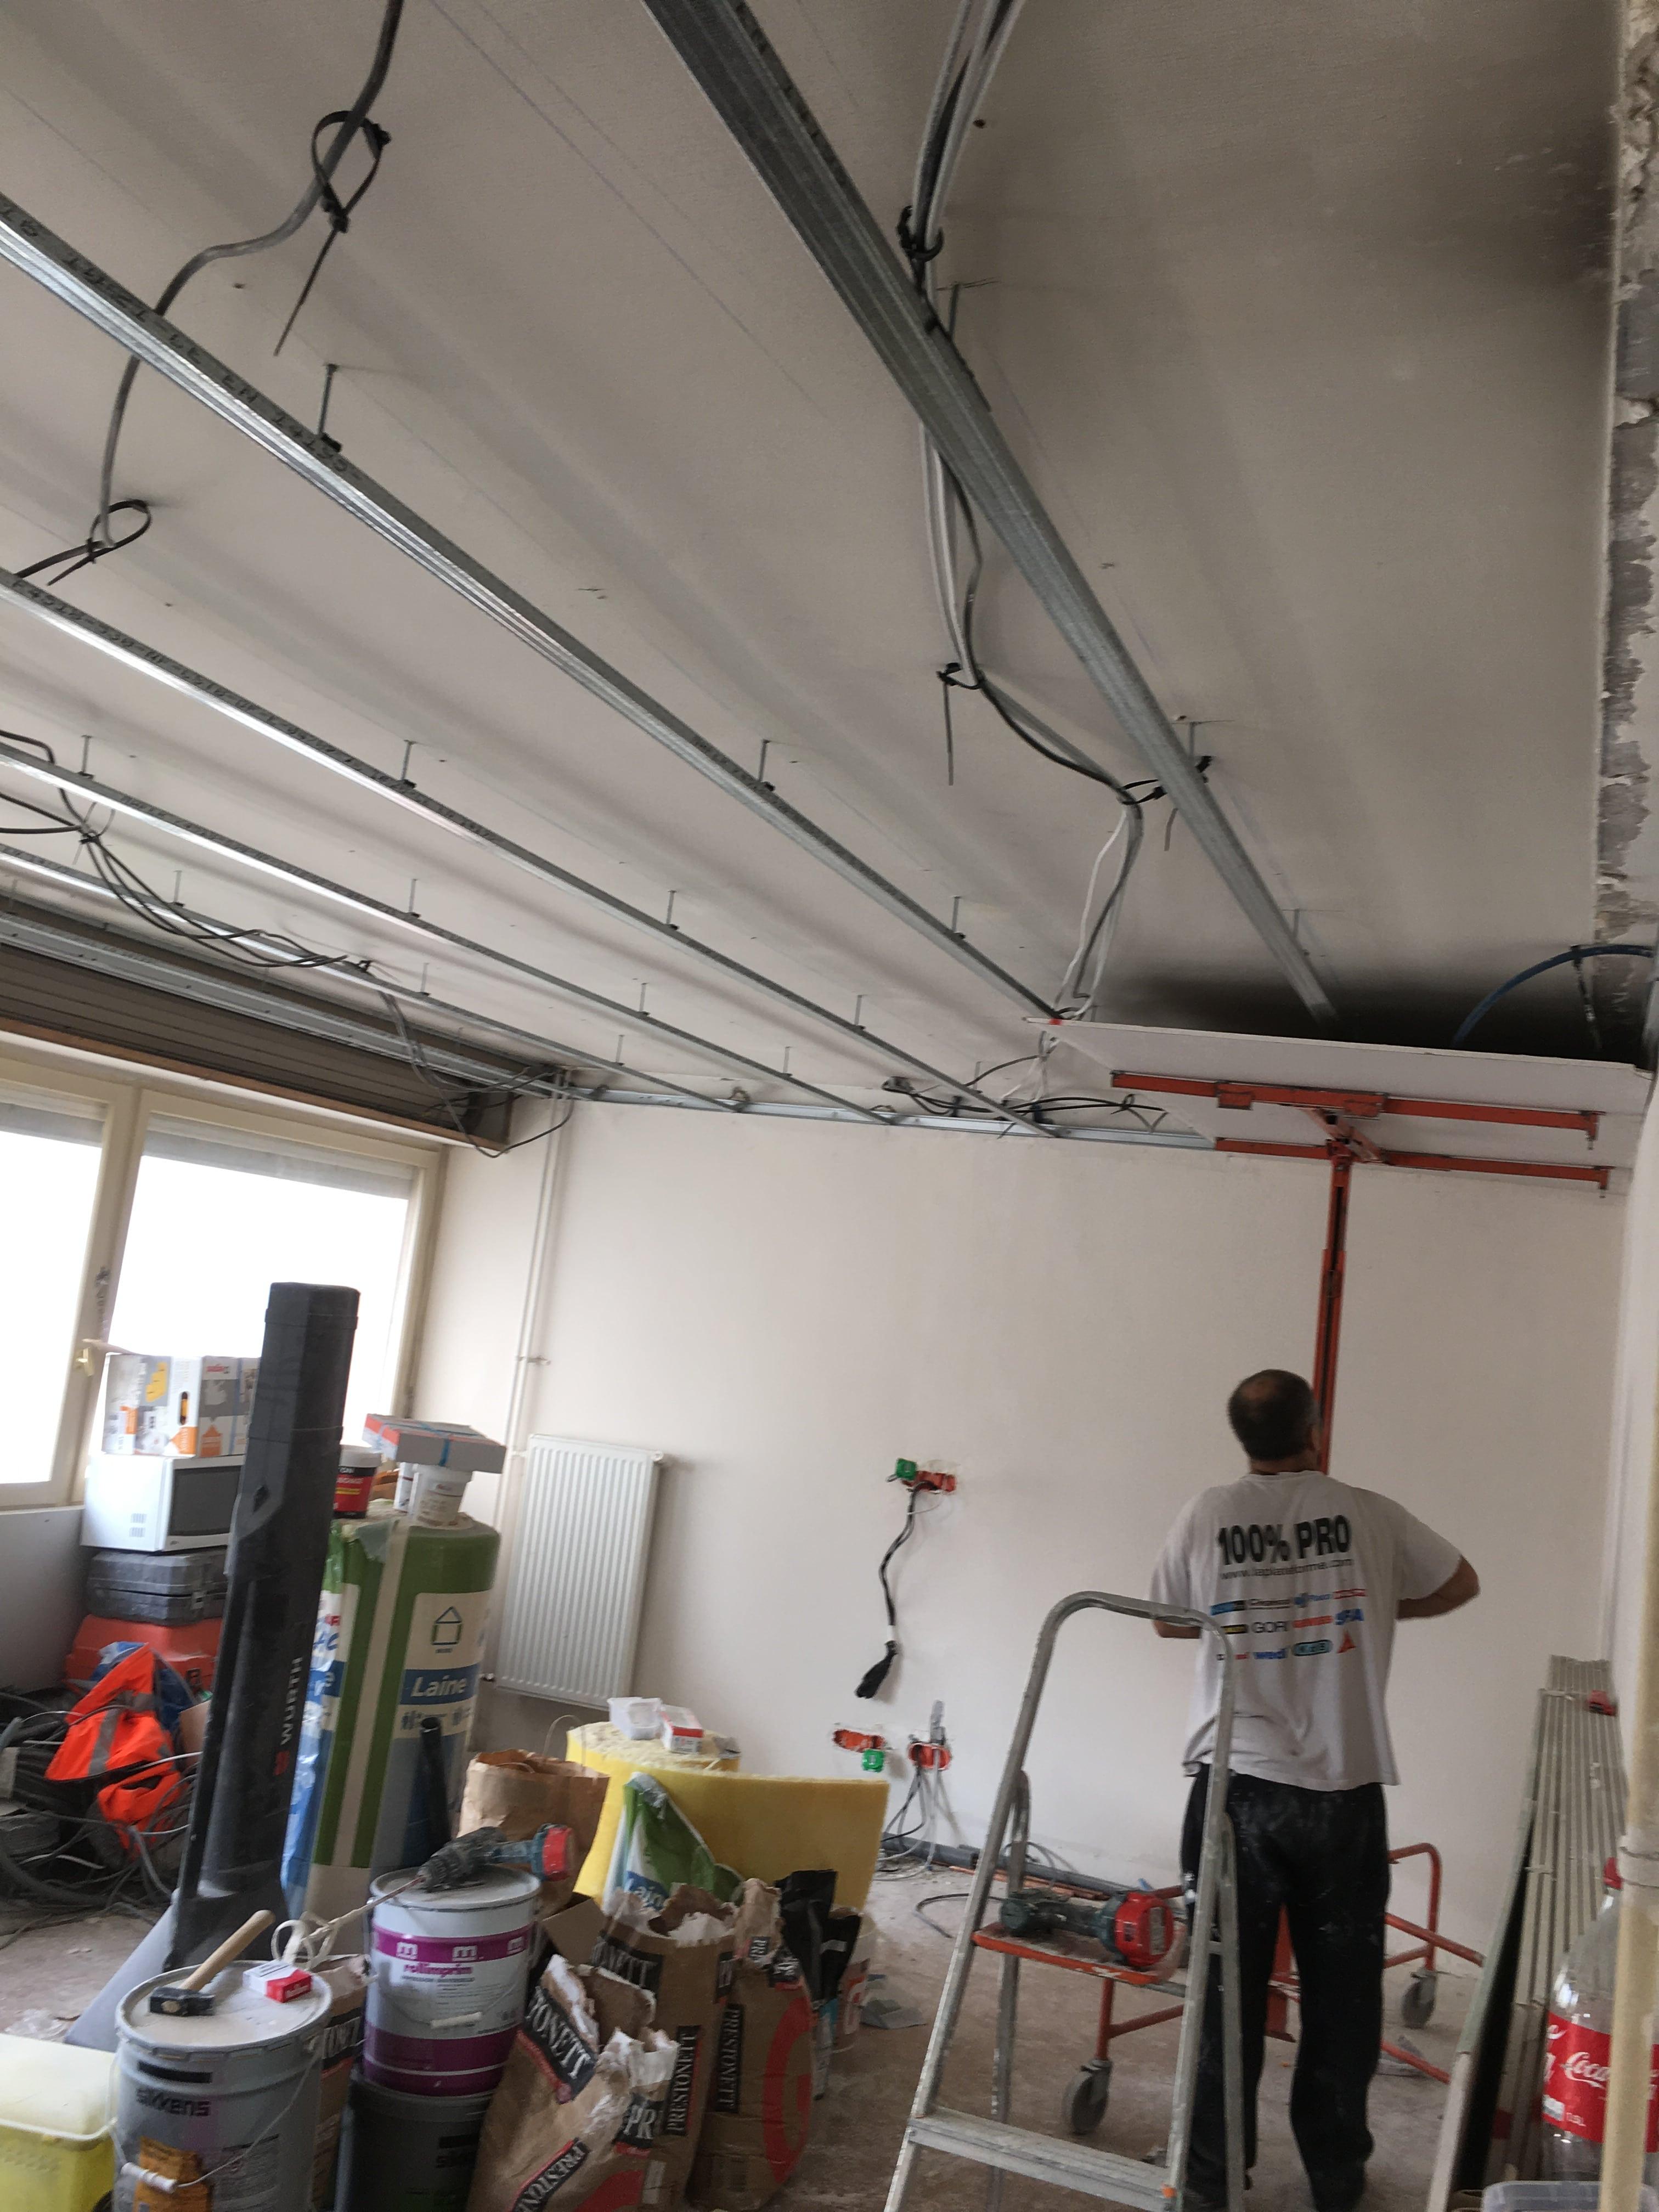 travaux-de-renovation-peinture-menuiserie-platrerie-villiers-sur-marne-salon-2-maghawry-texas-batiment-rge-min